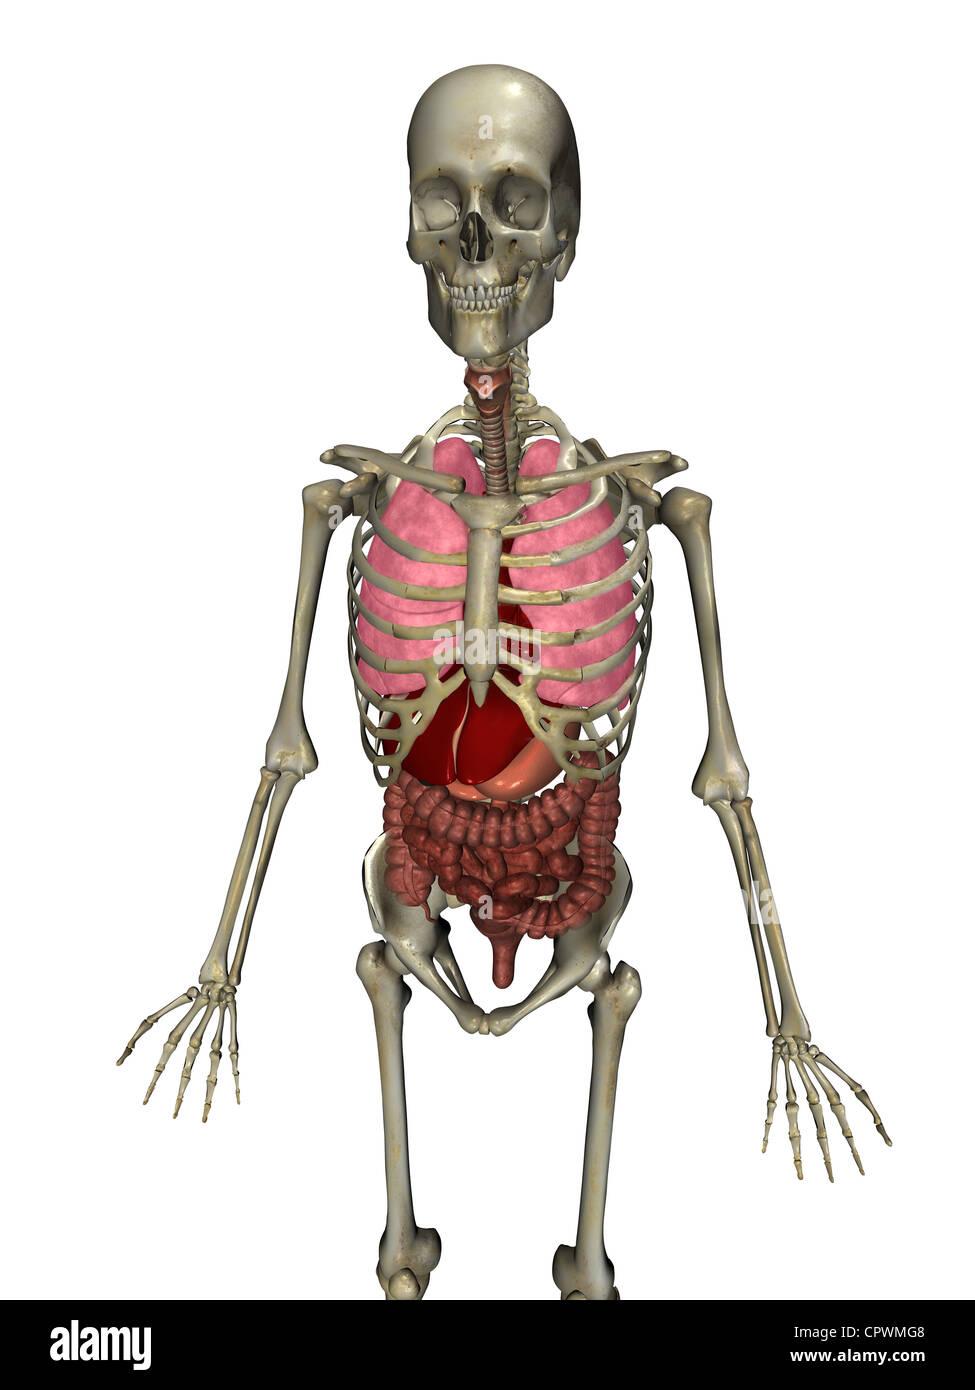 Gallbladder Liver Stockfotos & Gallbladder Liver Bilder - Seite 3 ...